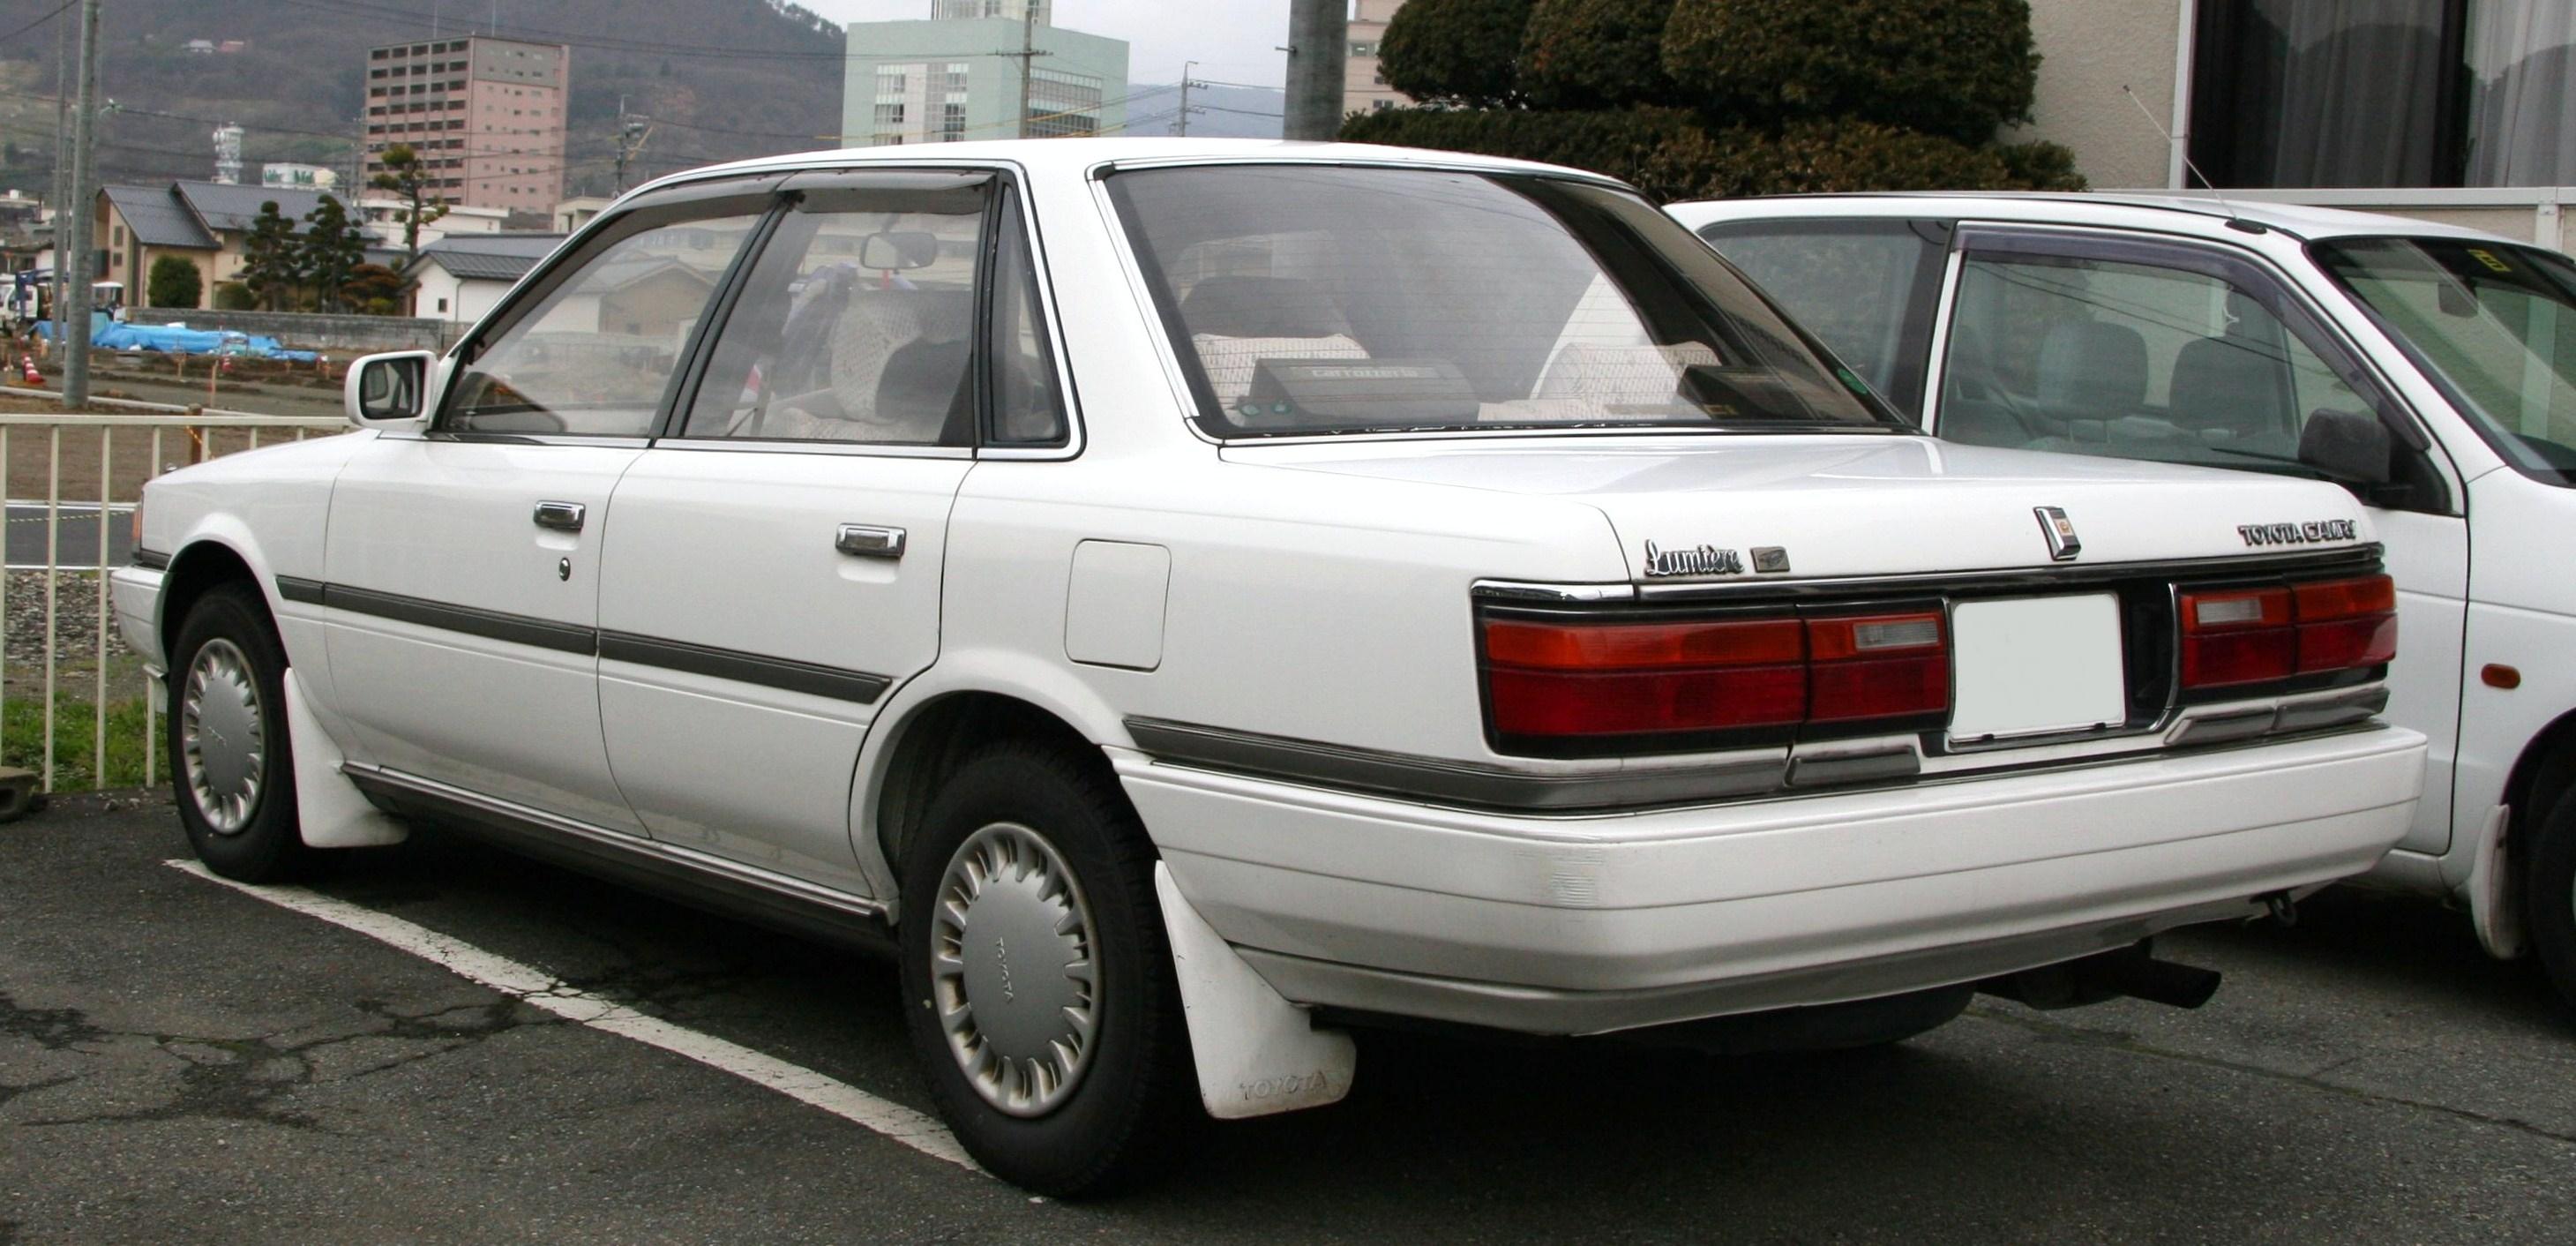 Toyota Vista I (V10) 1982 - 1986 Hatchback 5 door #5